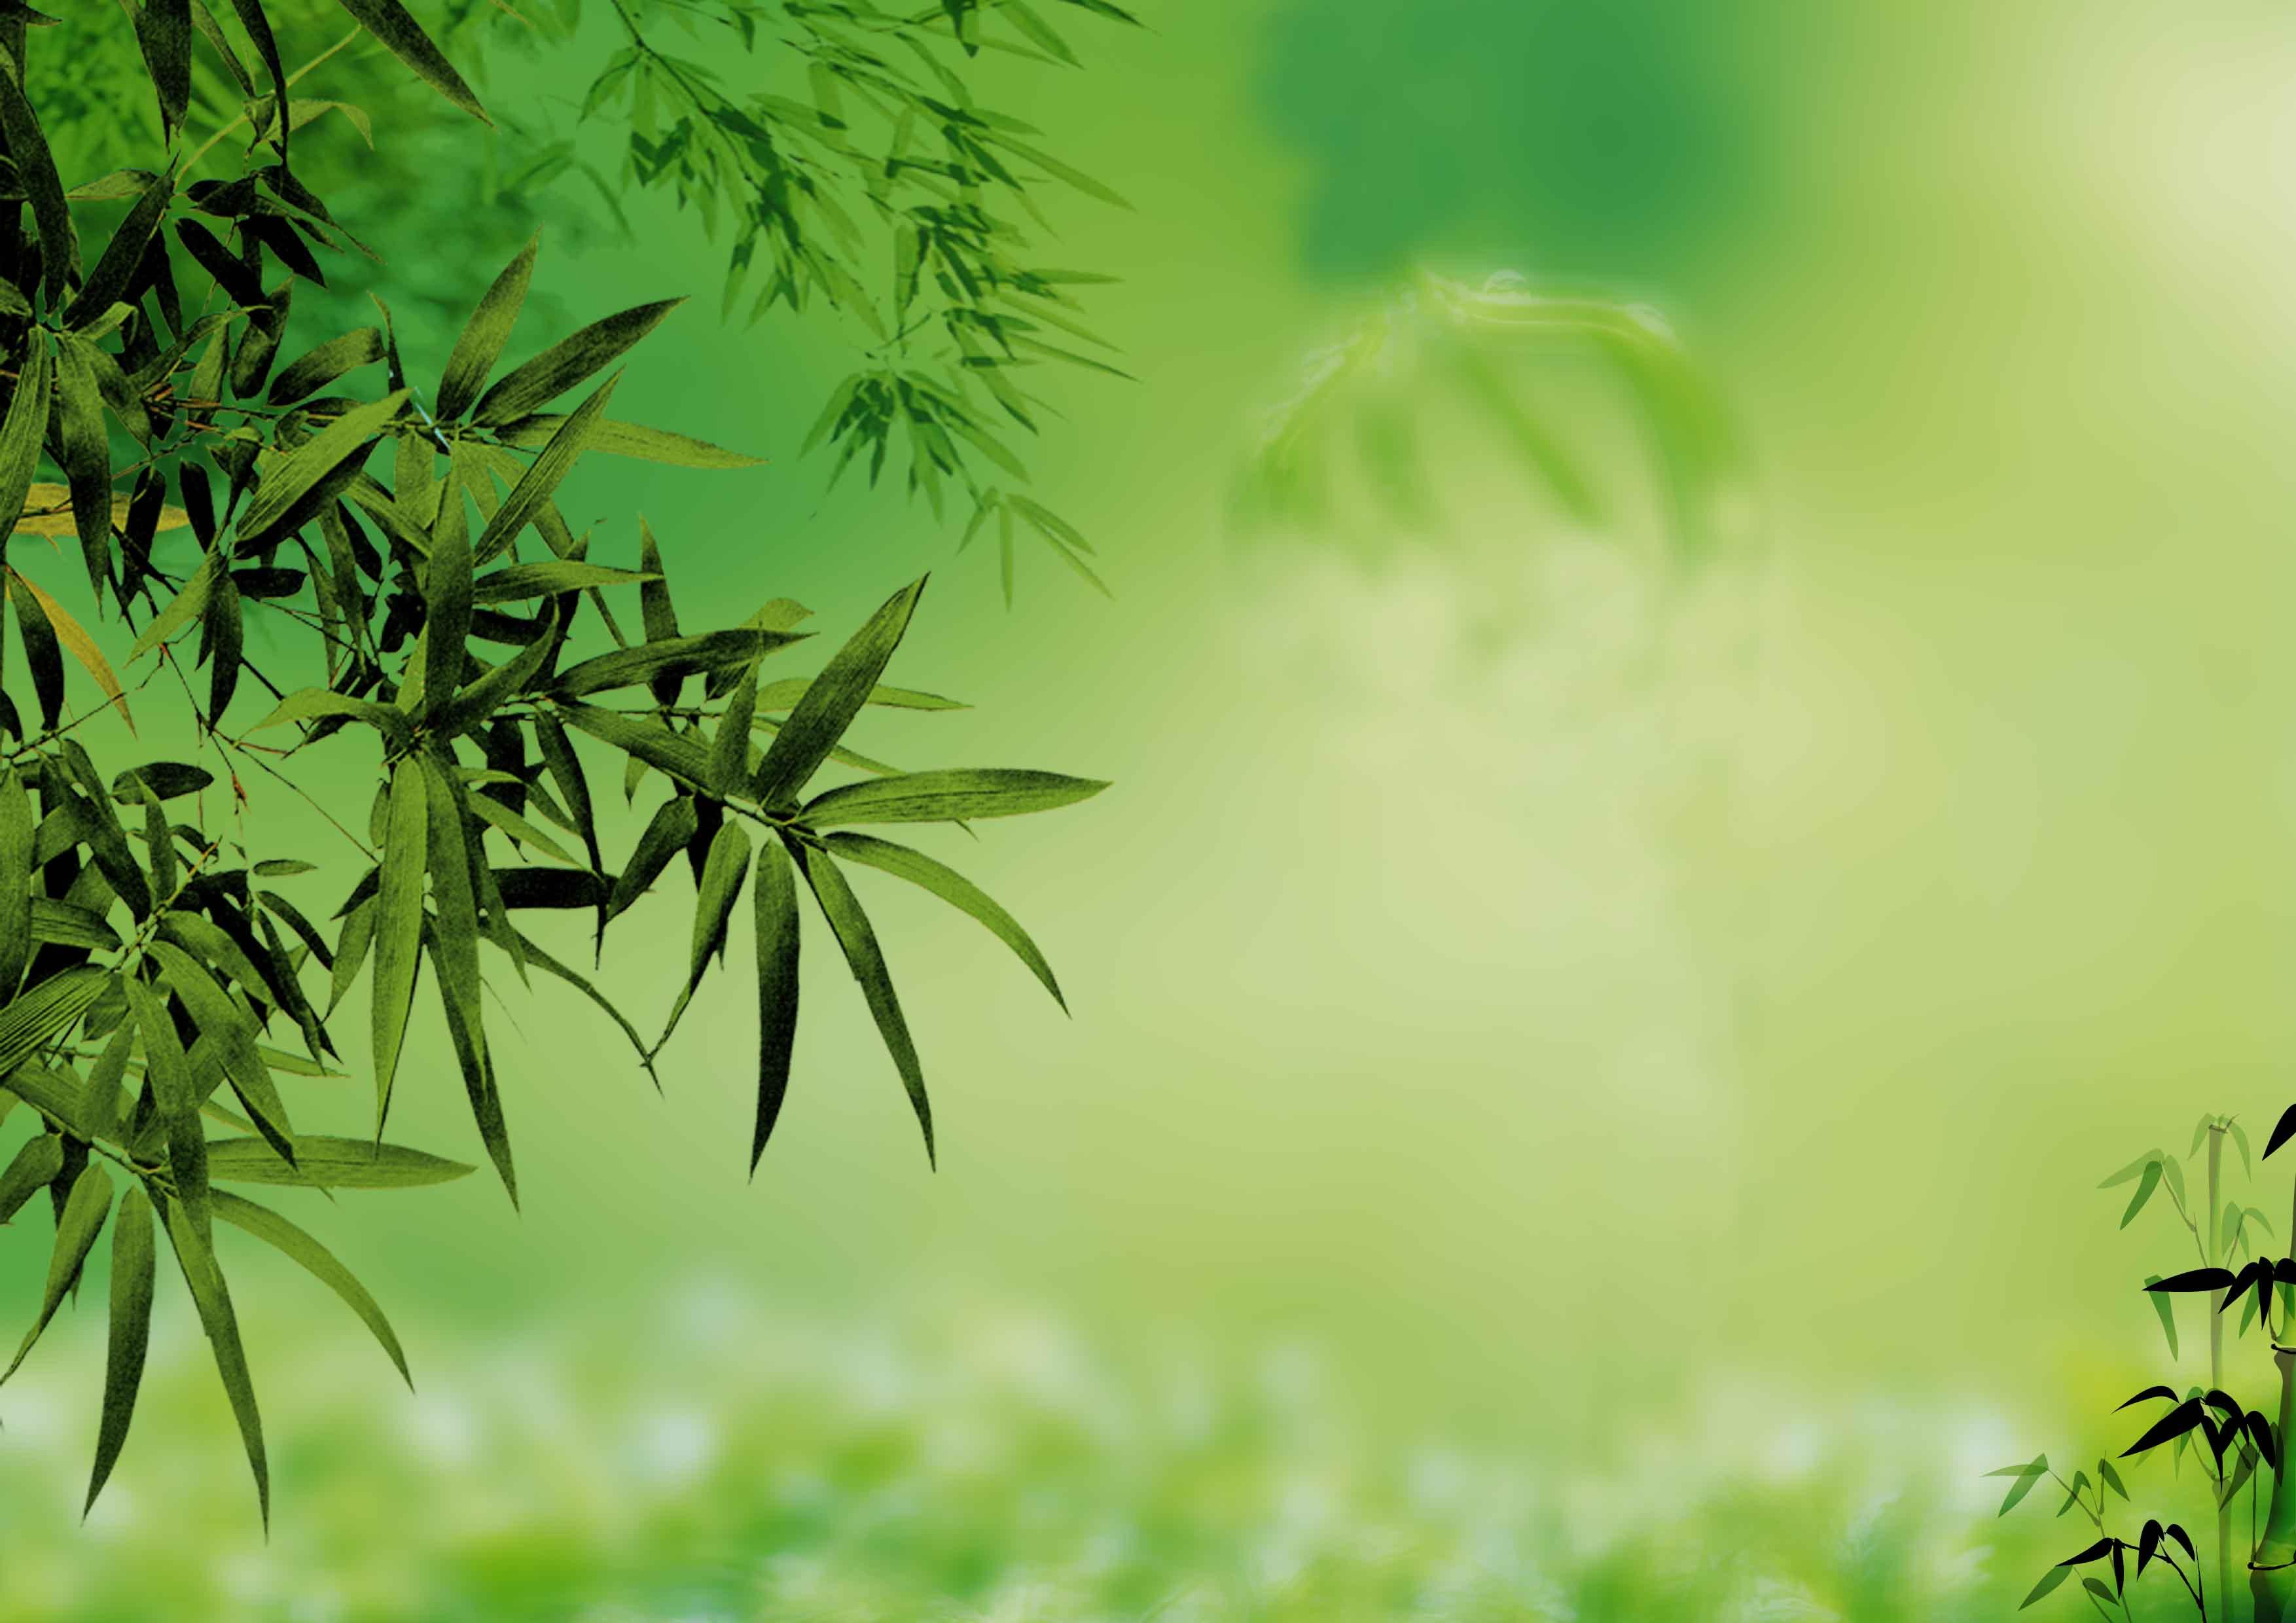 fond vert clair de bambou  fond vert  clair  vert image de